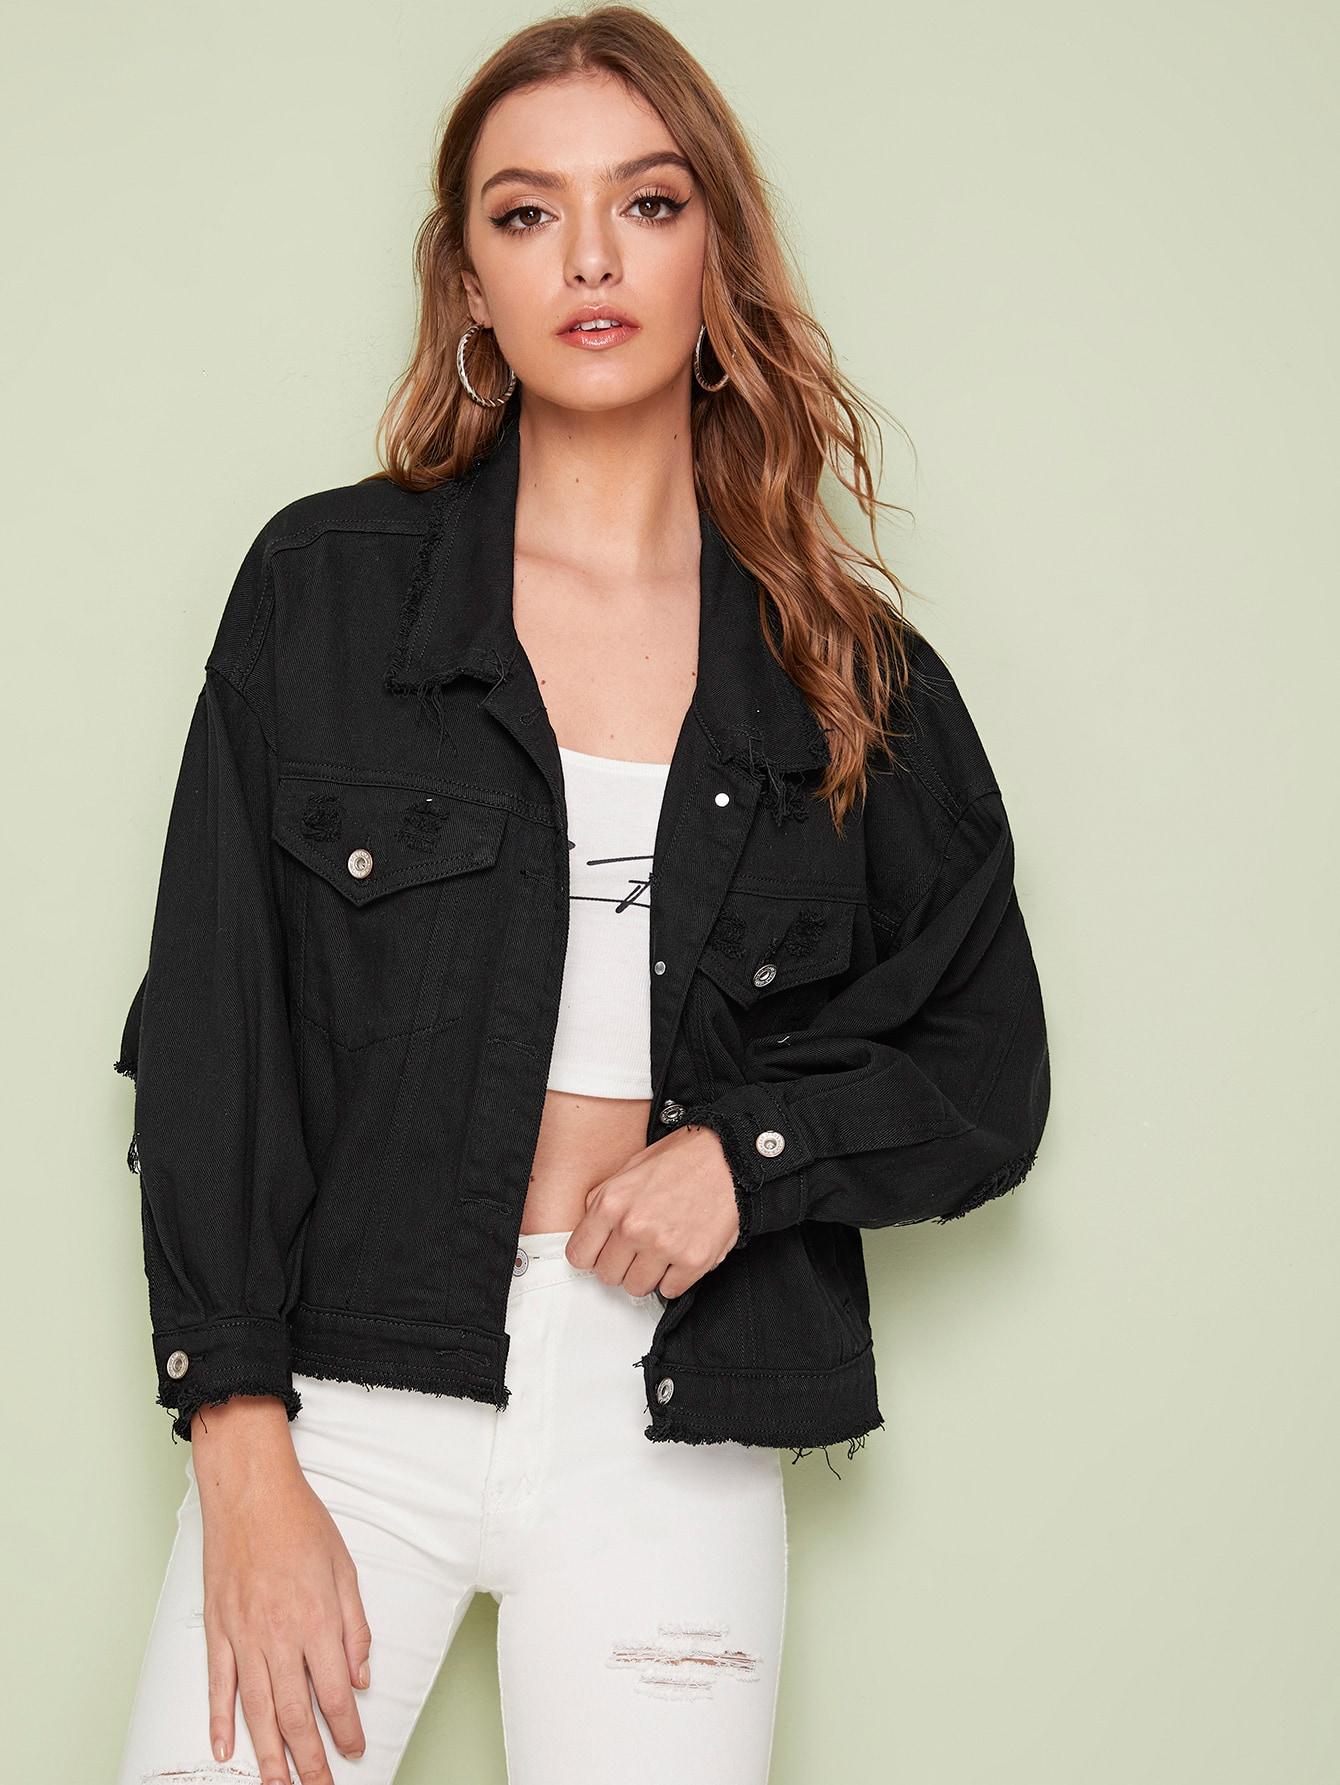 Рваная однобортная джинсовая куртка со спущенным рукавом